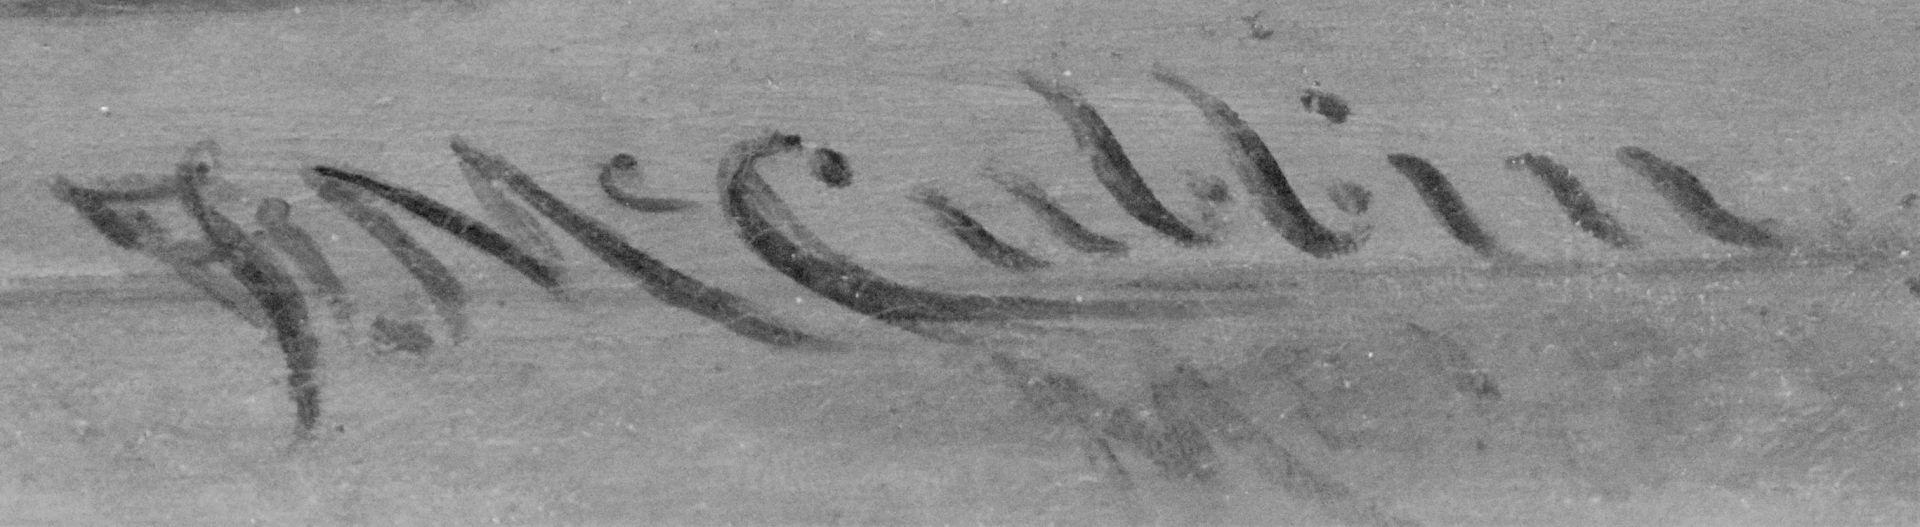 experrtise signature mccubbin